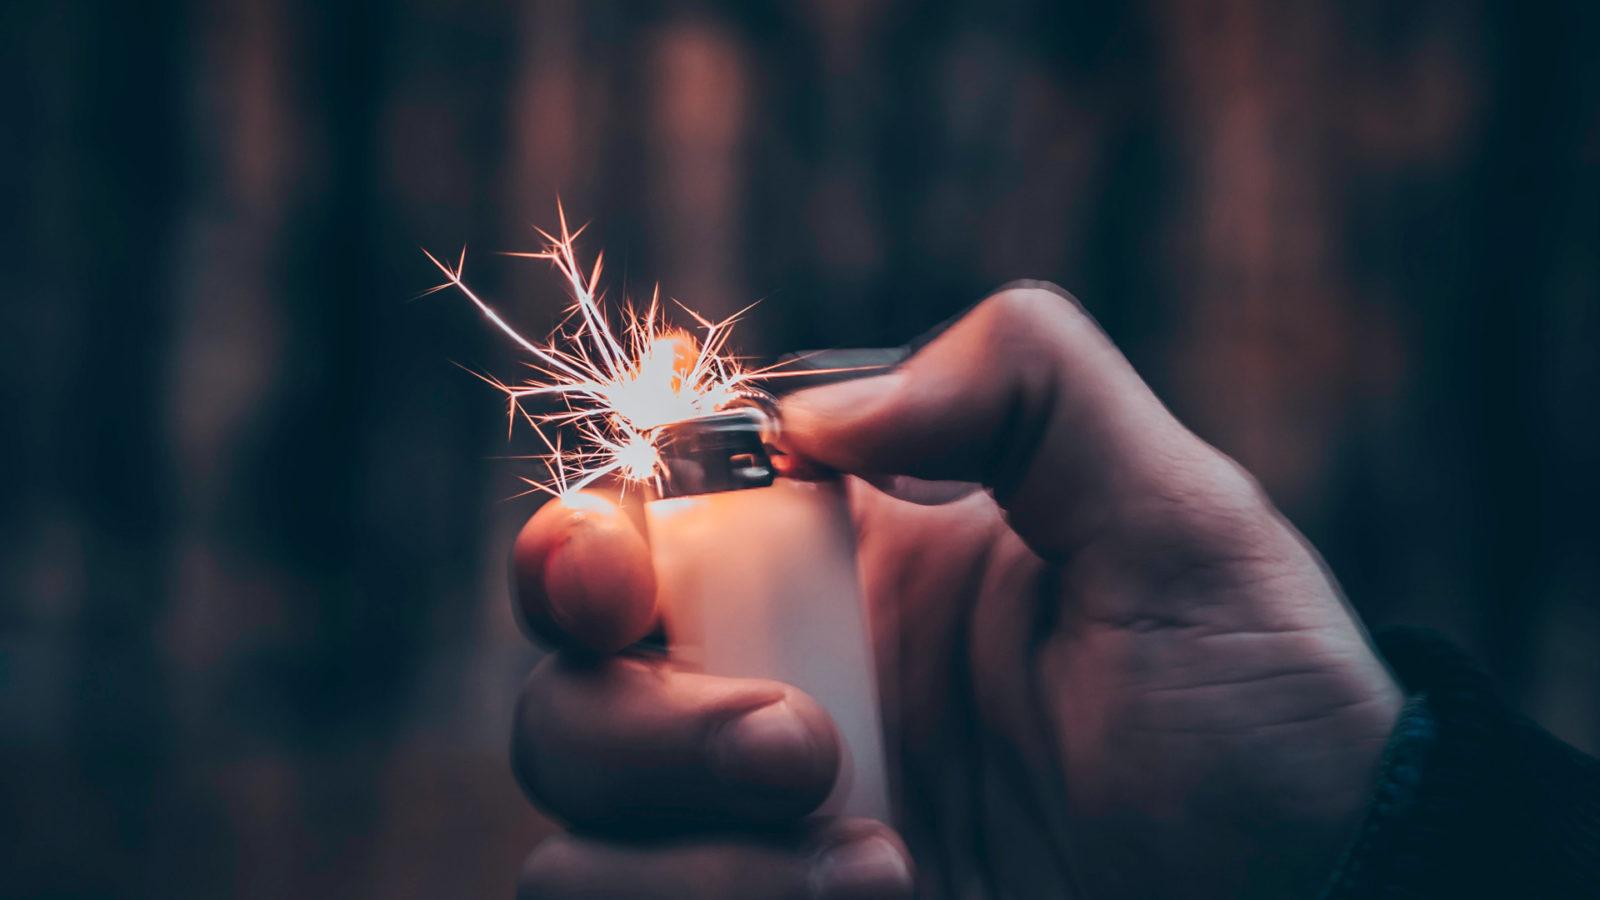 Feuerzeug mit Funken